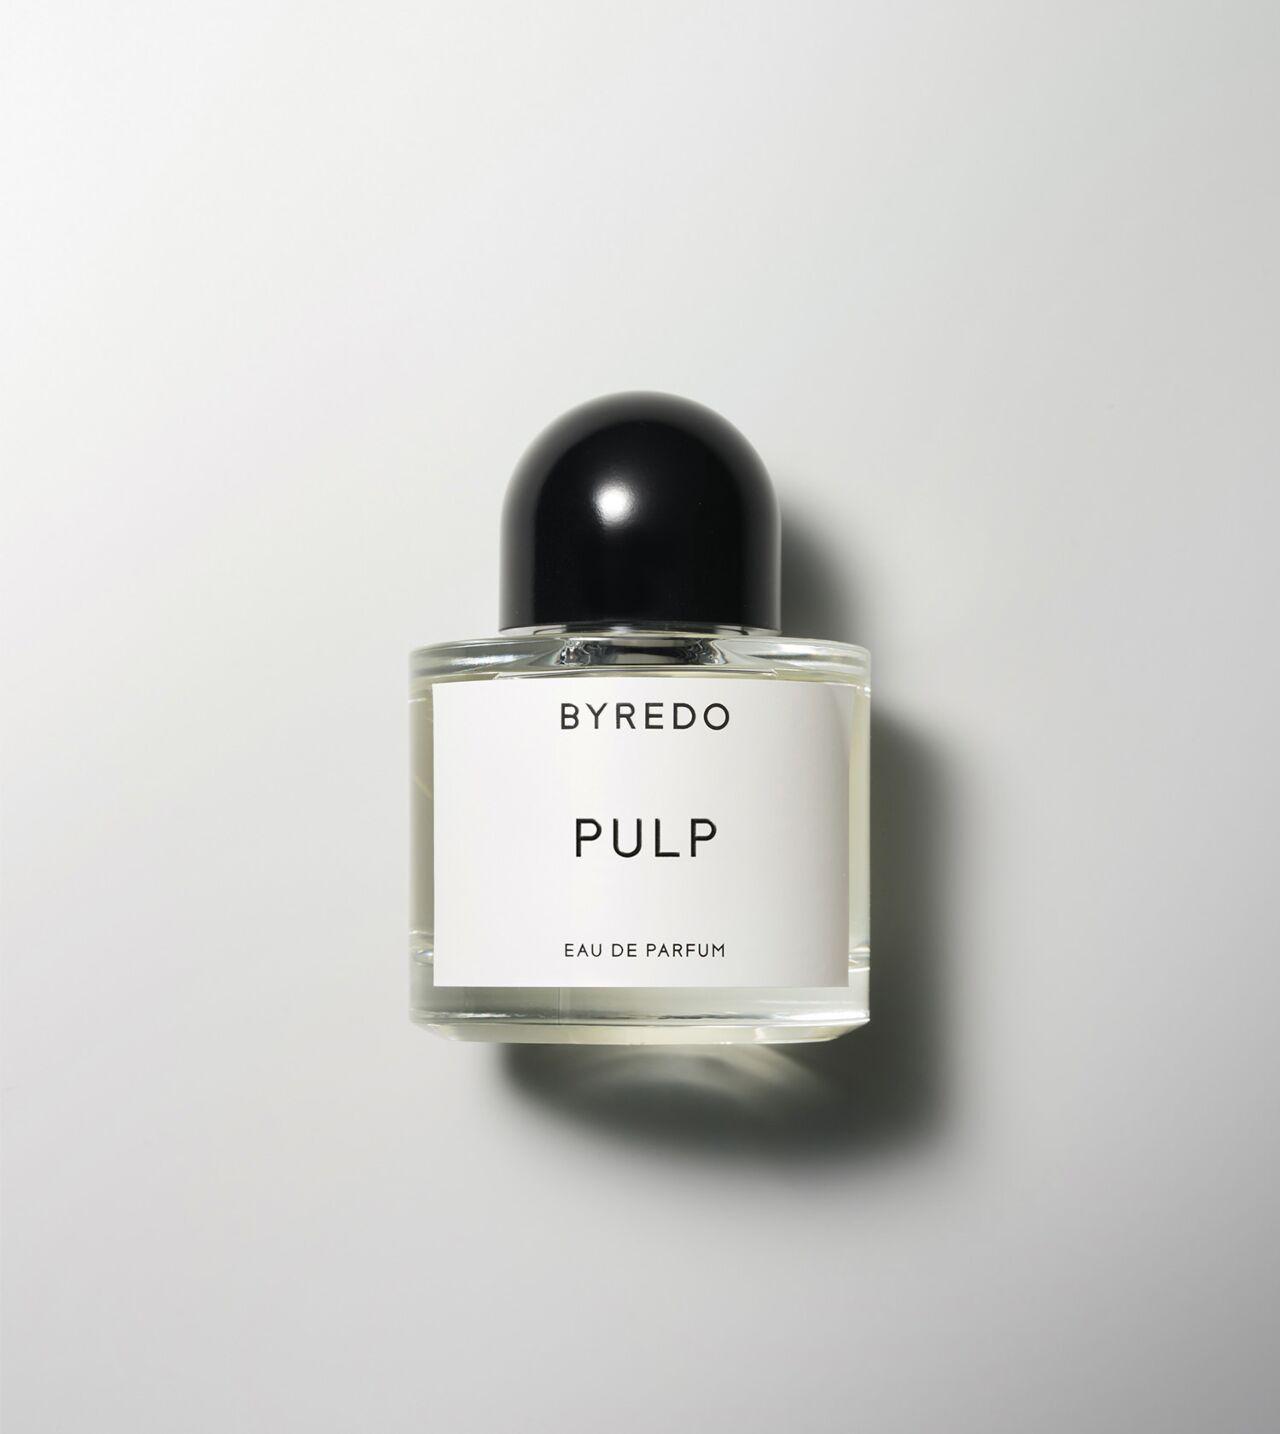 Picture of Byredo Pulp Eau de Parfum 50ml